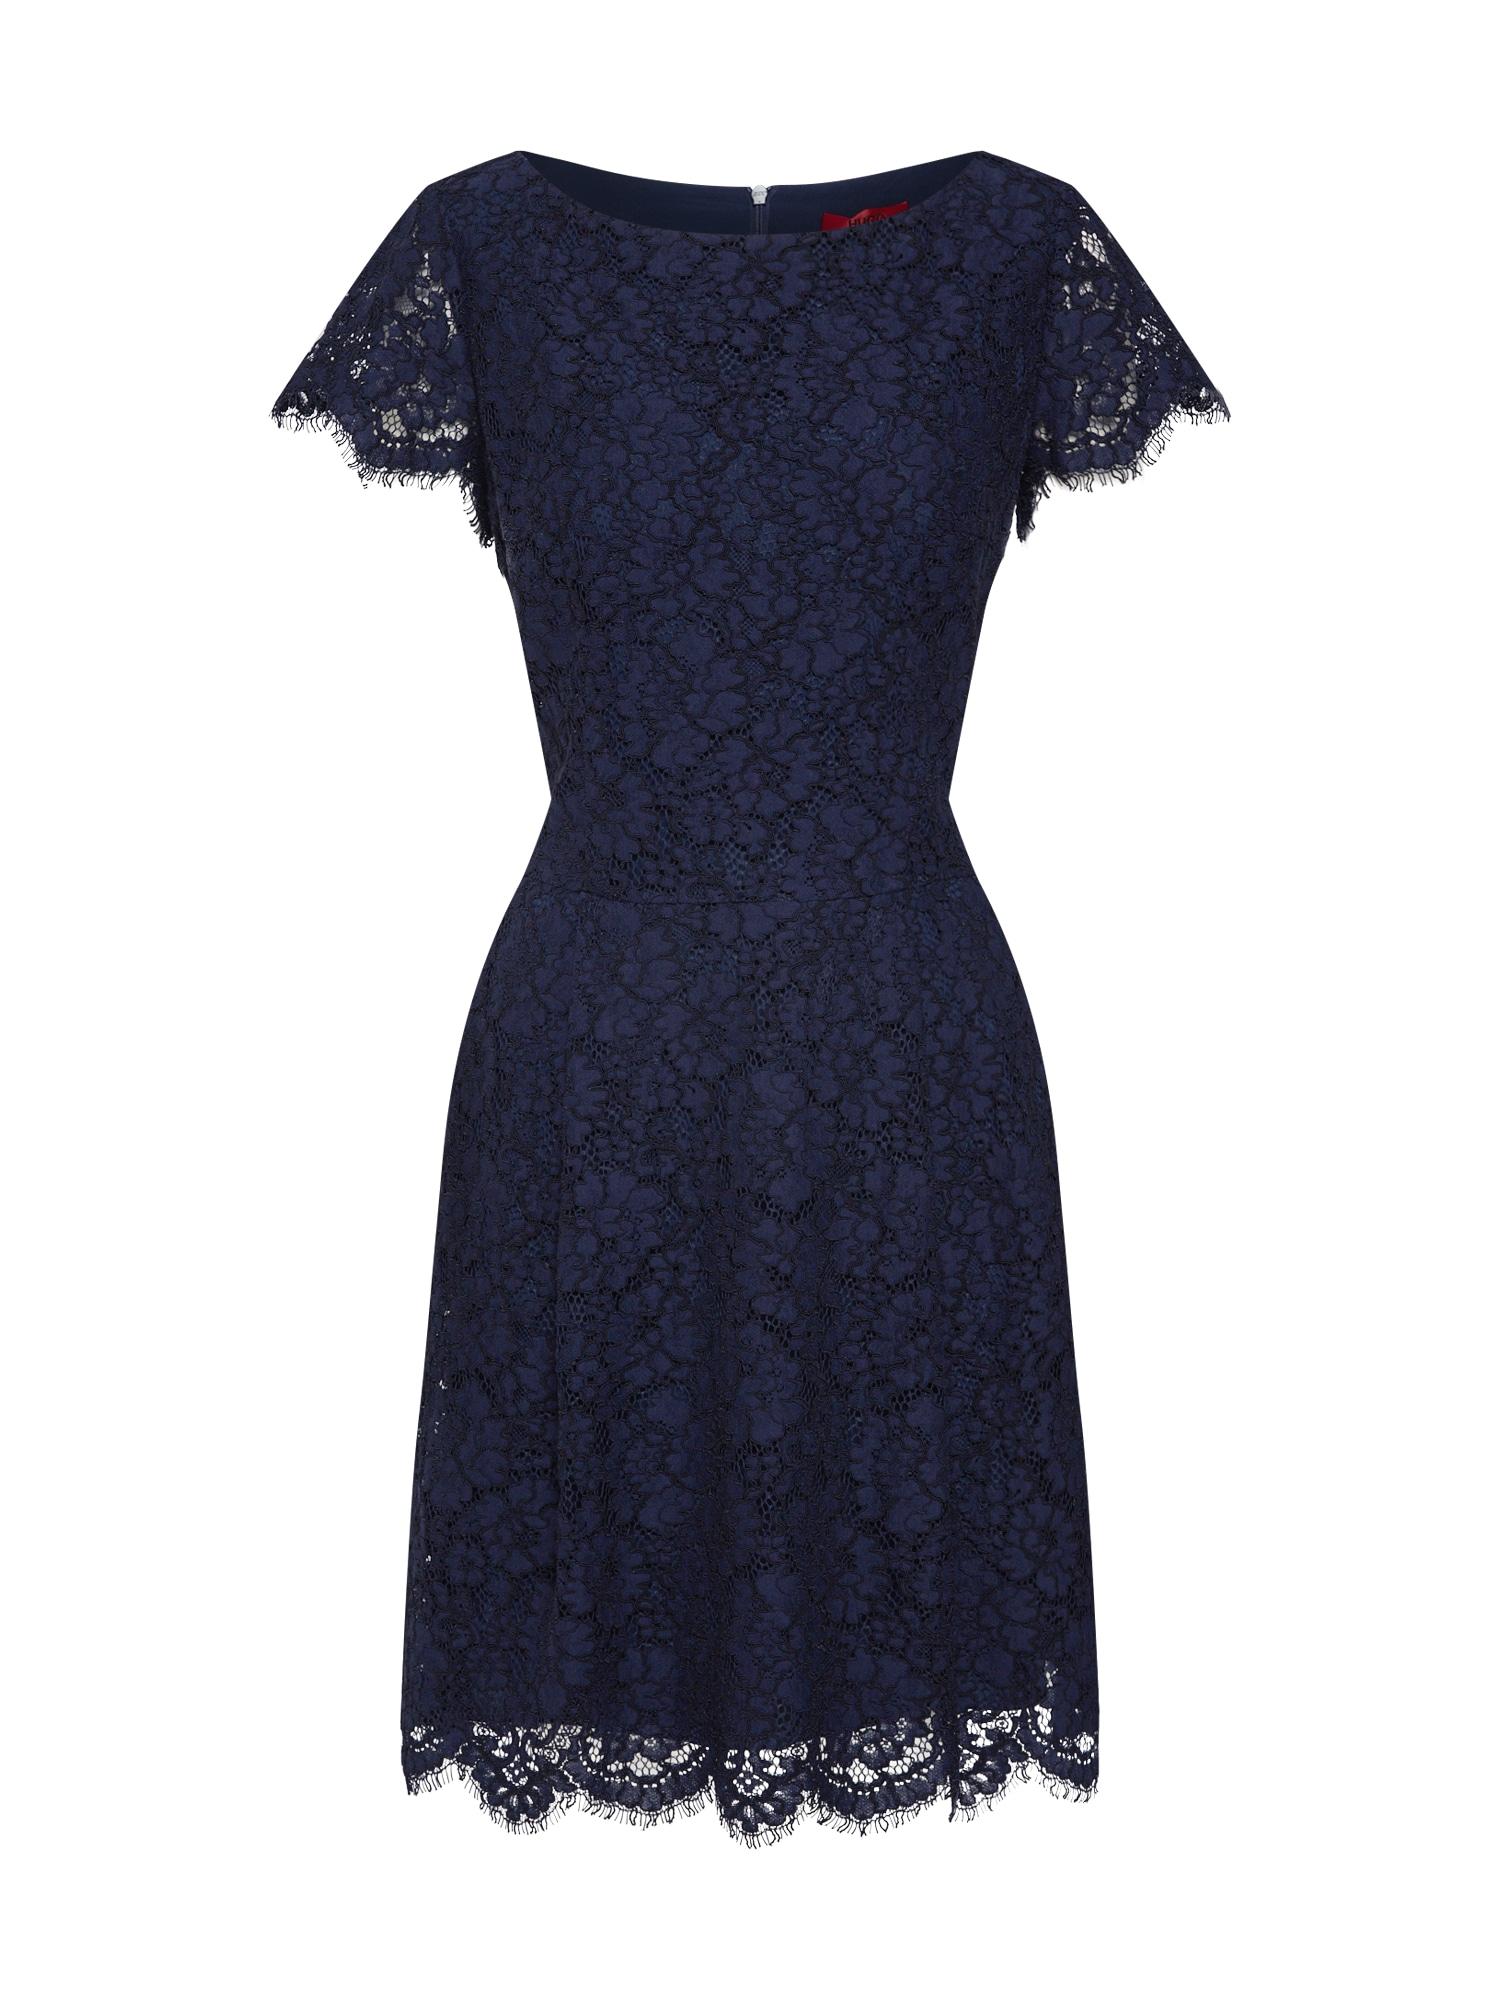 Koktejlové šaty Kasalli-1 námořnická modř HUGO